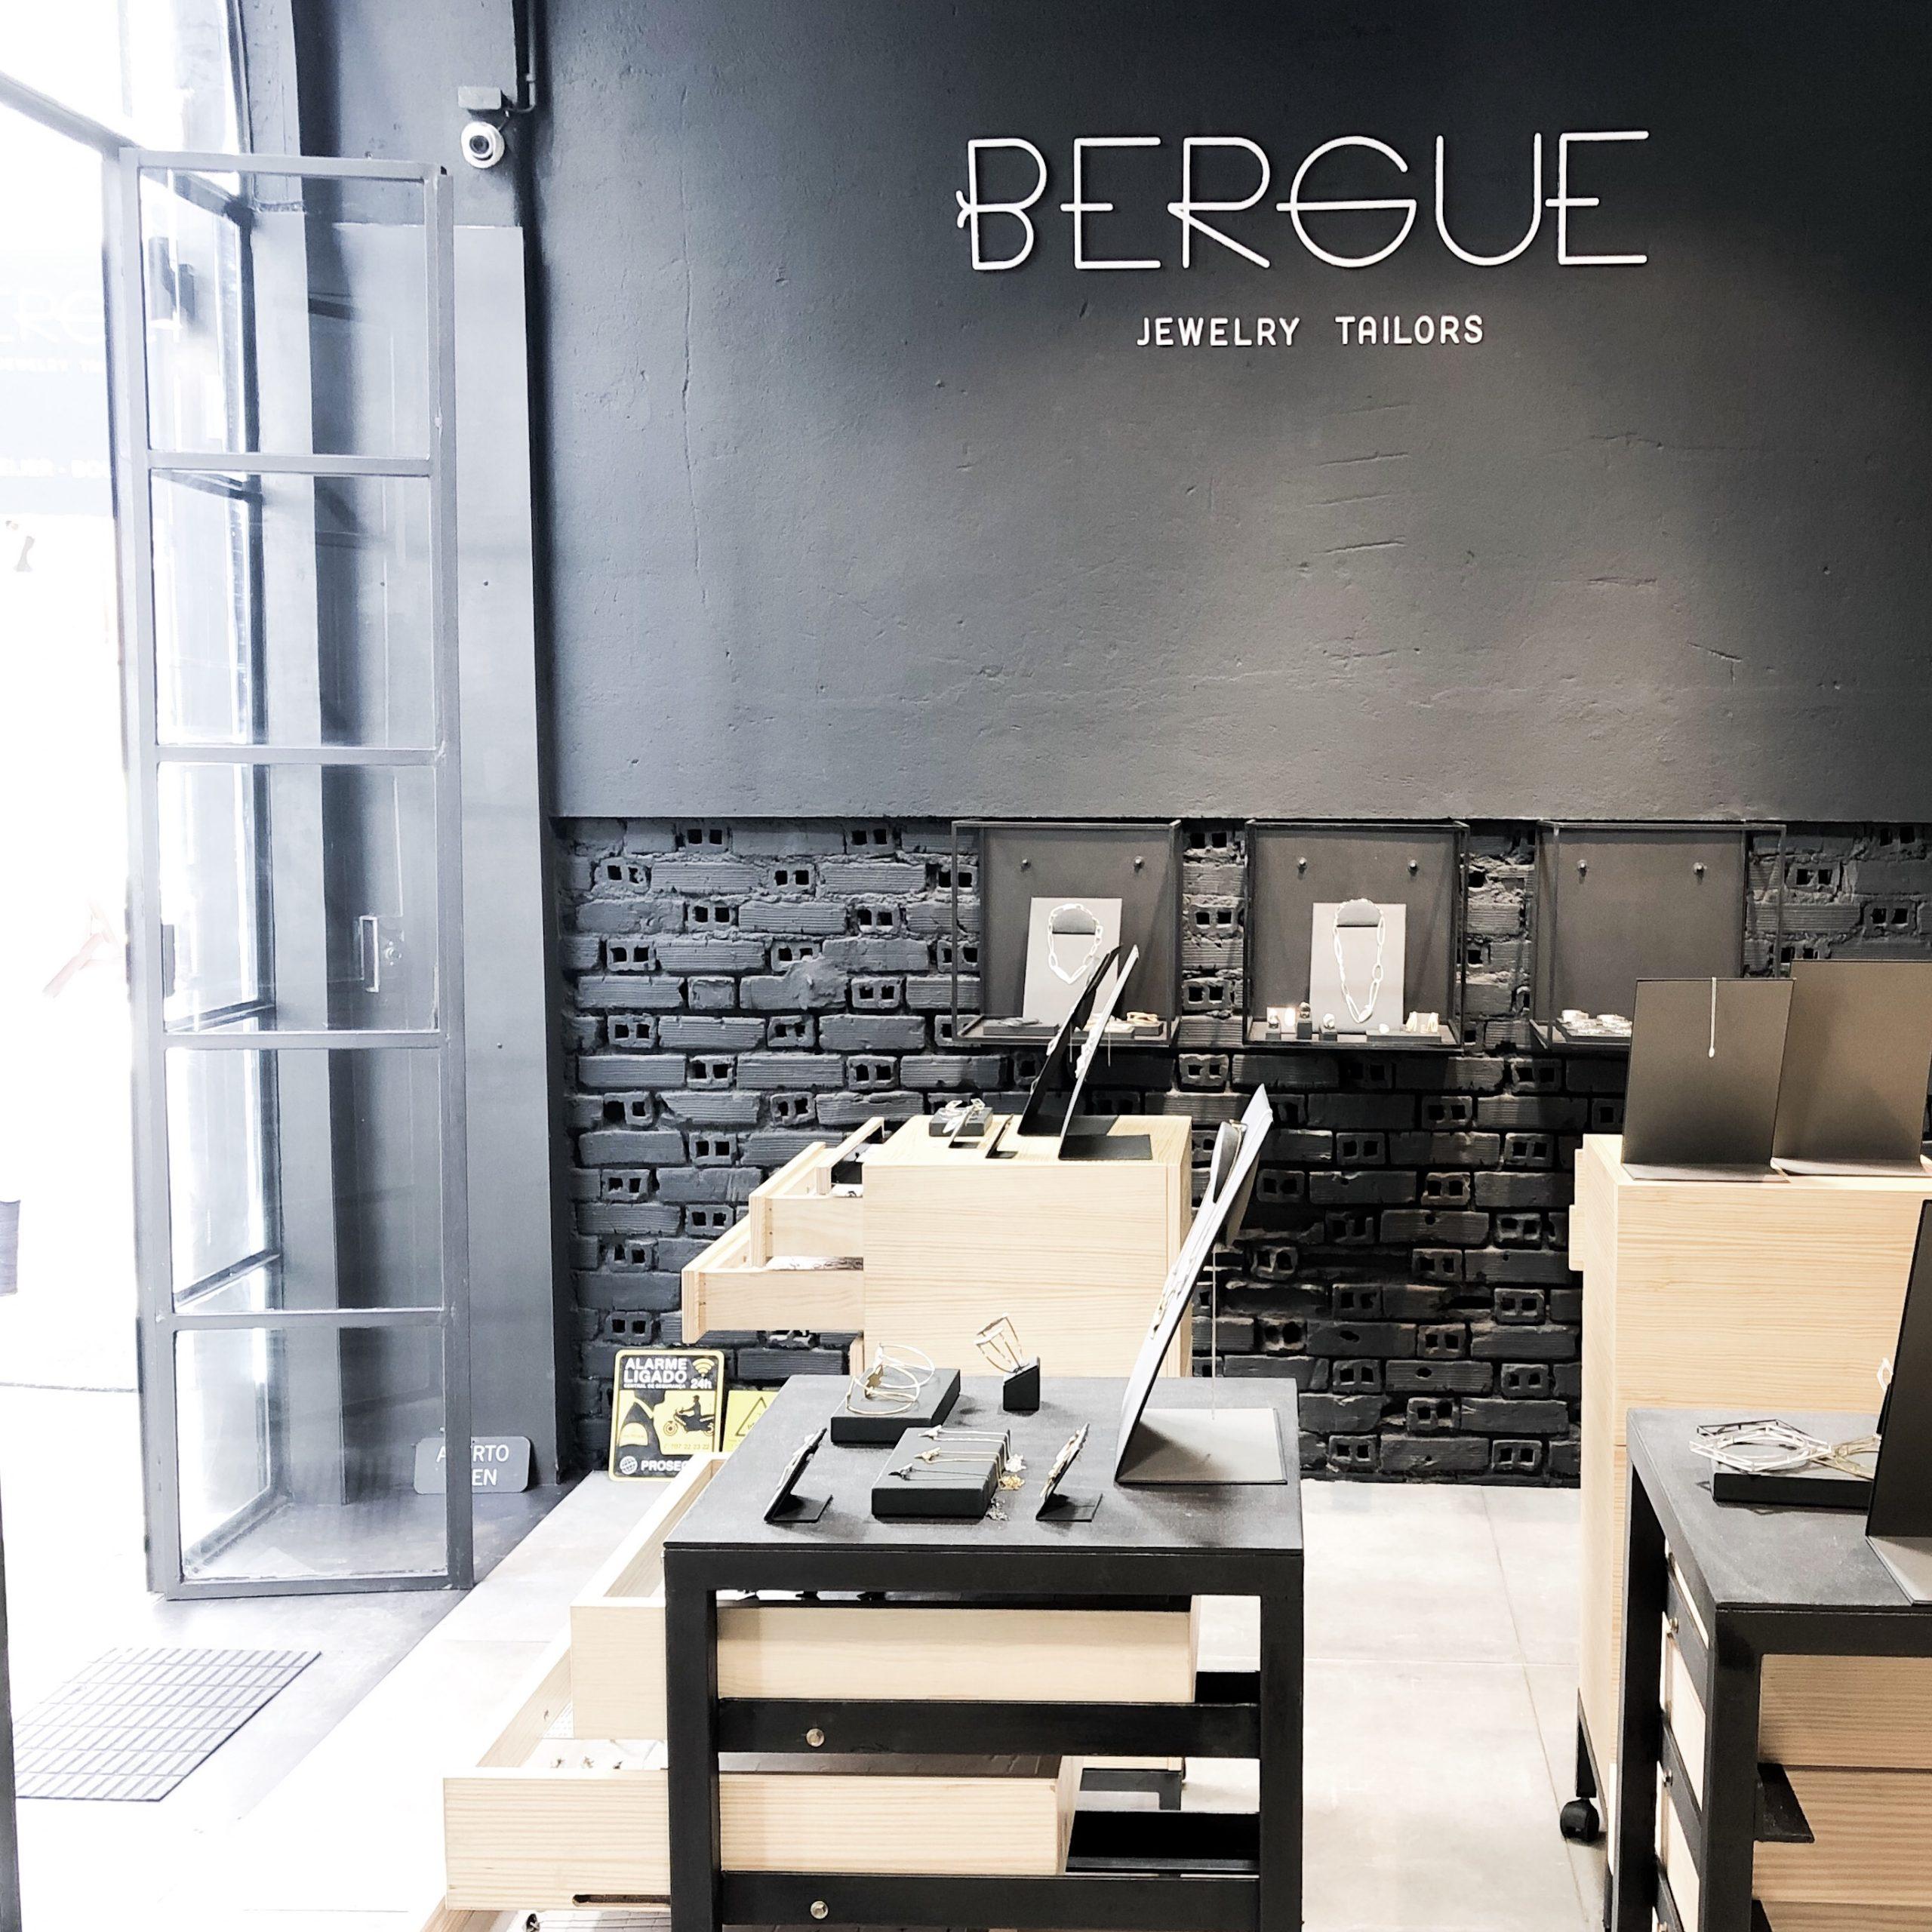 Bergue_02